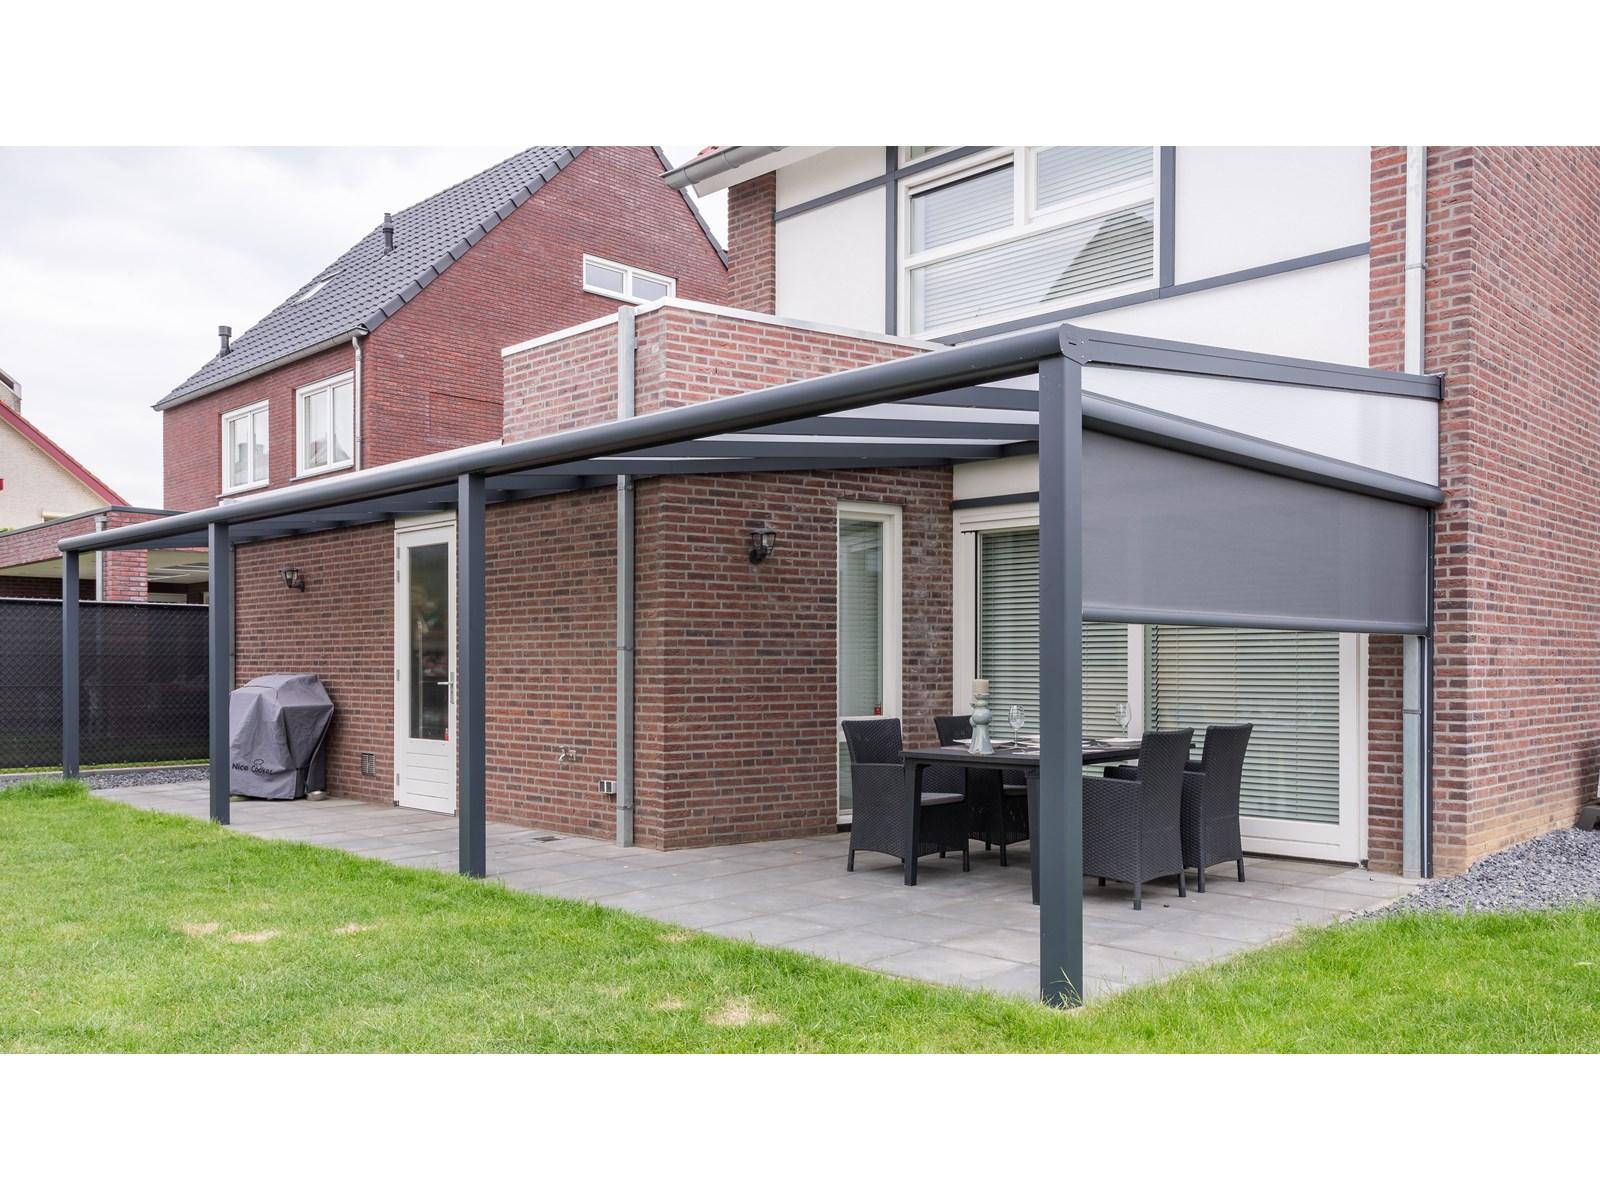 https://www.rondjeschagen.nl/content/973/news/clnt/3693246_8_org.jpg?width=1600&height=1200